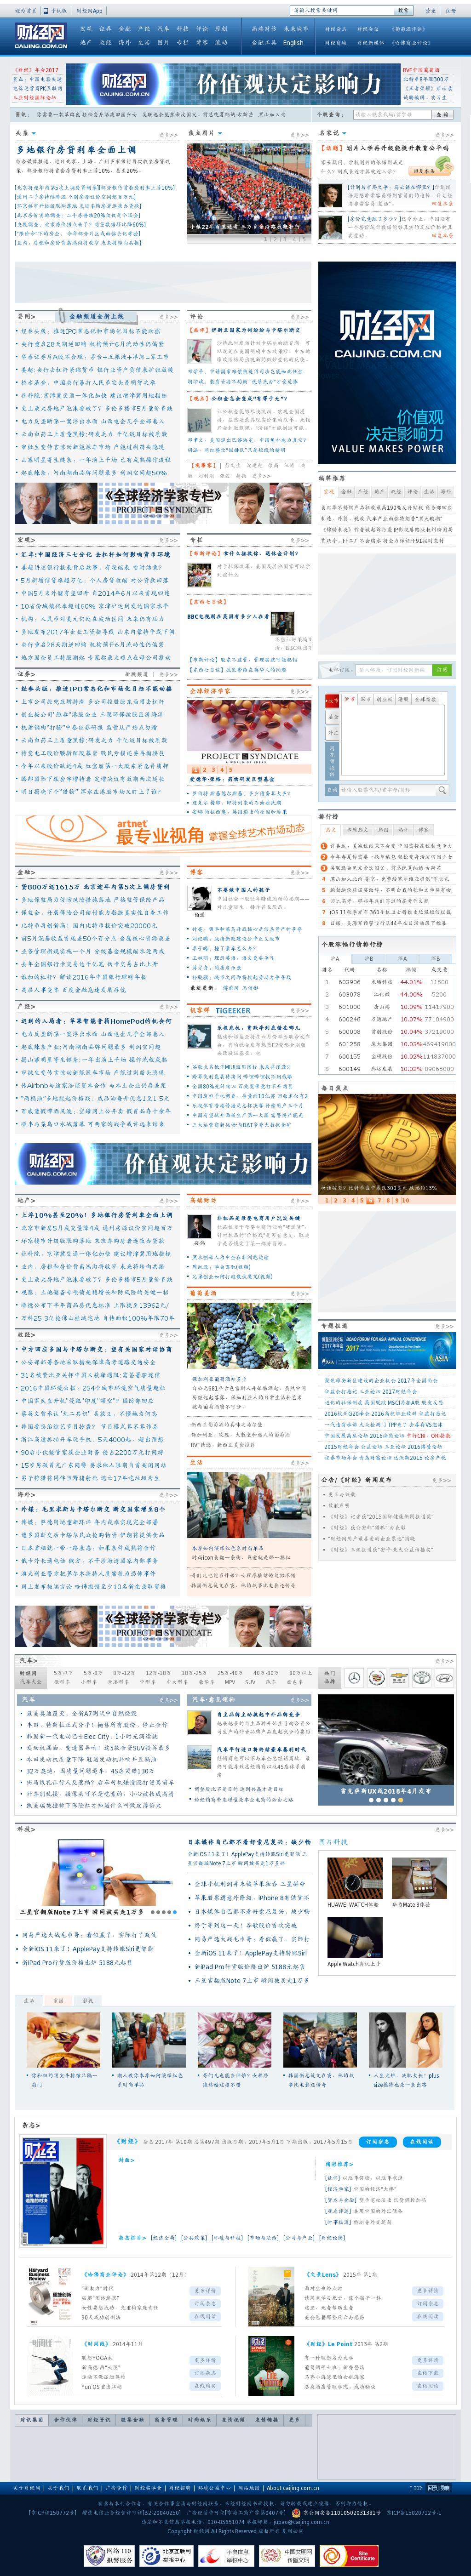 Caijing at Tuesday June 6, 2017, 7:02 a.m. UTC